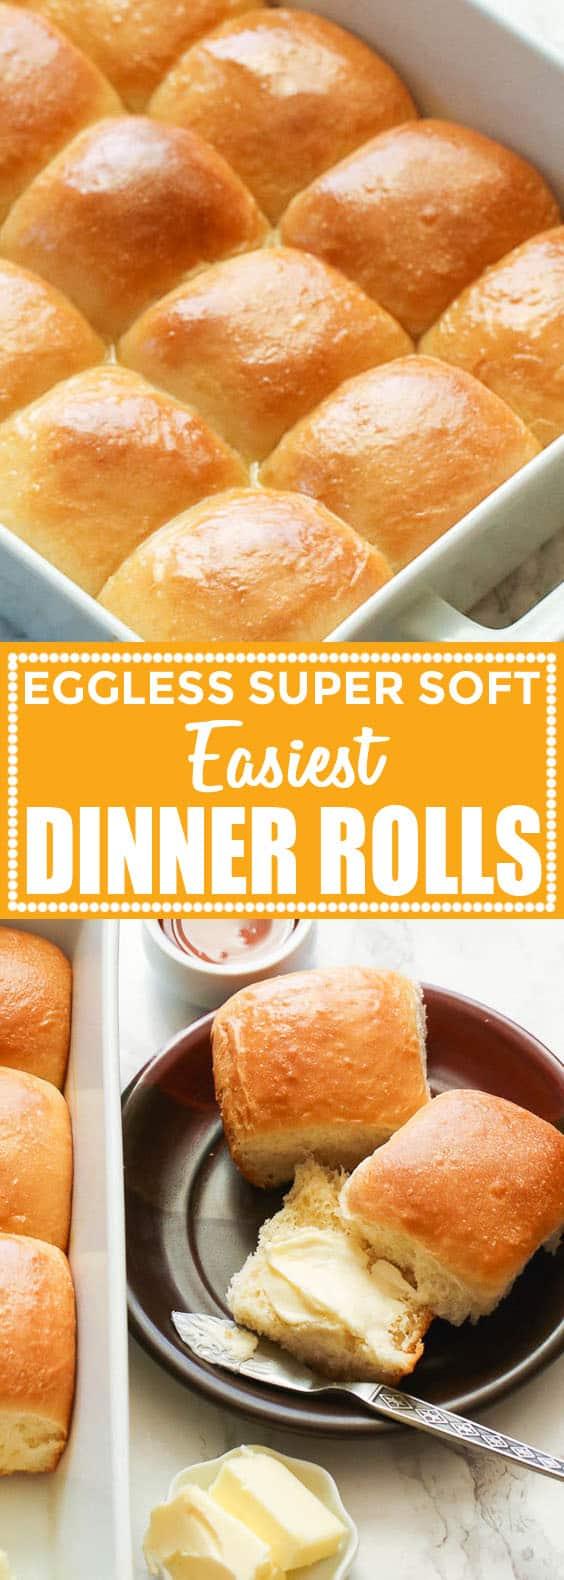 Easy Dinner Rolls